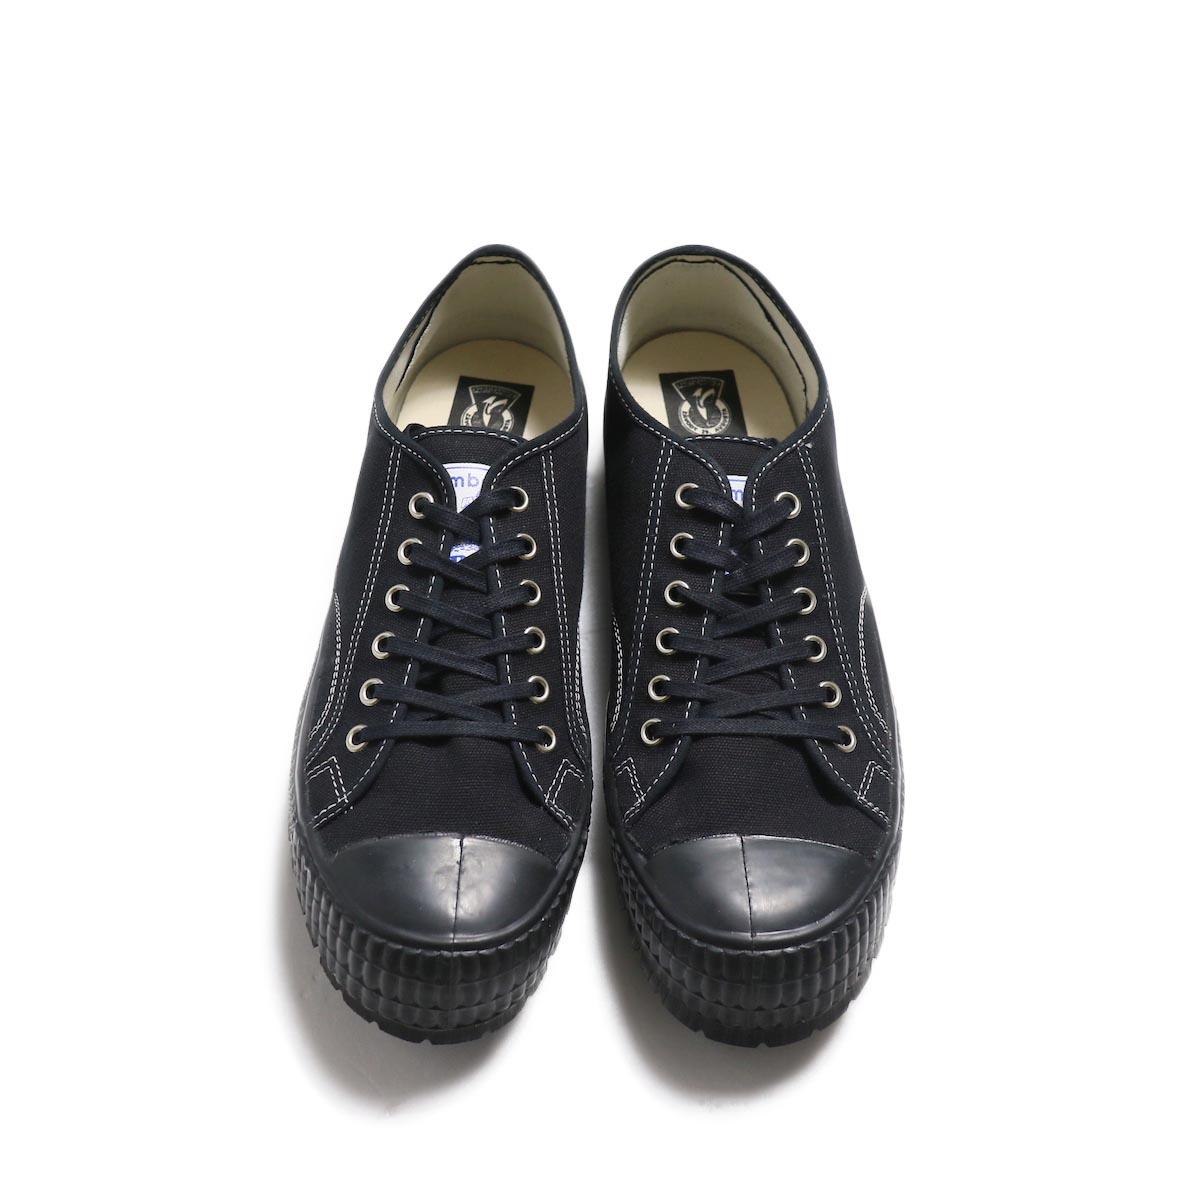 ZDA / 2100-F Climber Sole Cnavas Sneaker (Black)正面